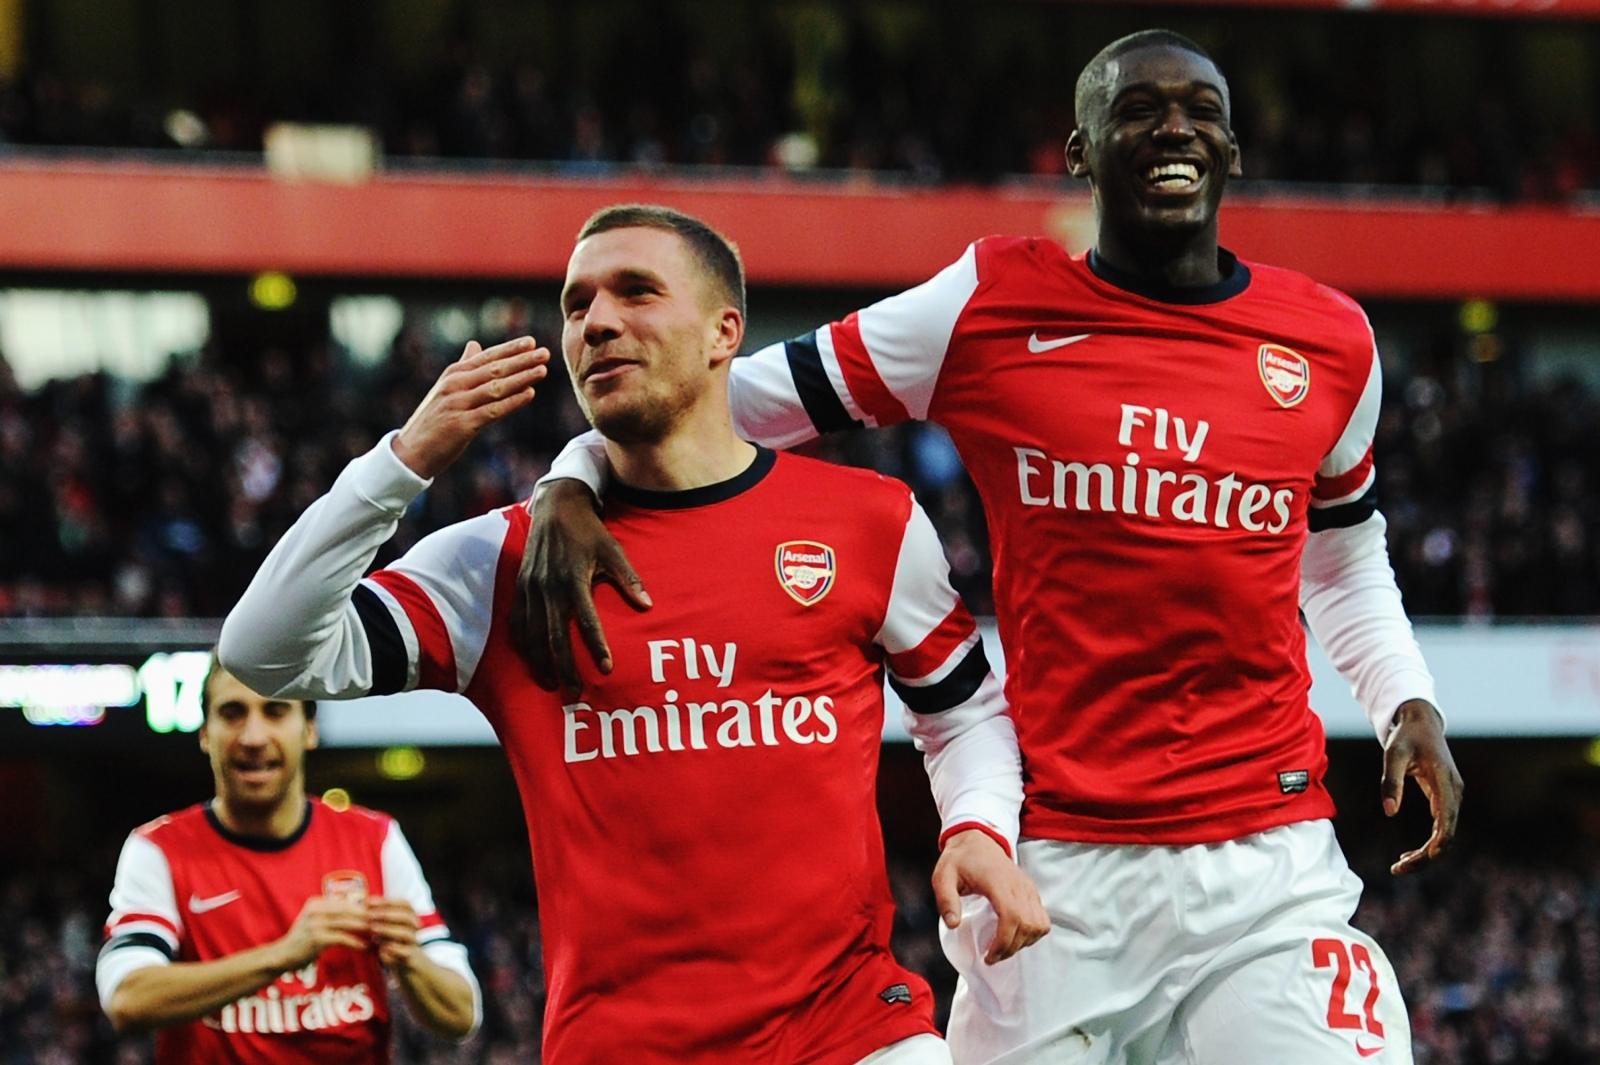 Lukas Podolski and Yaya Sanogo